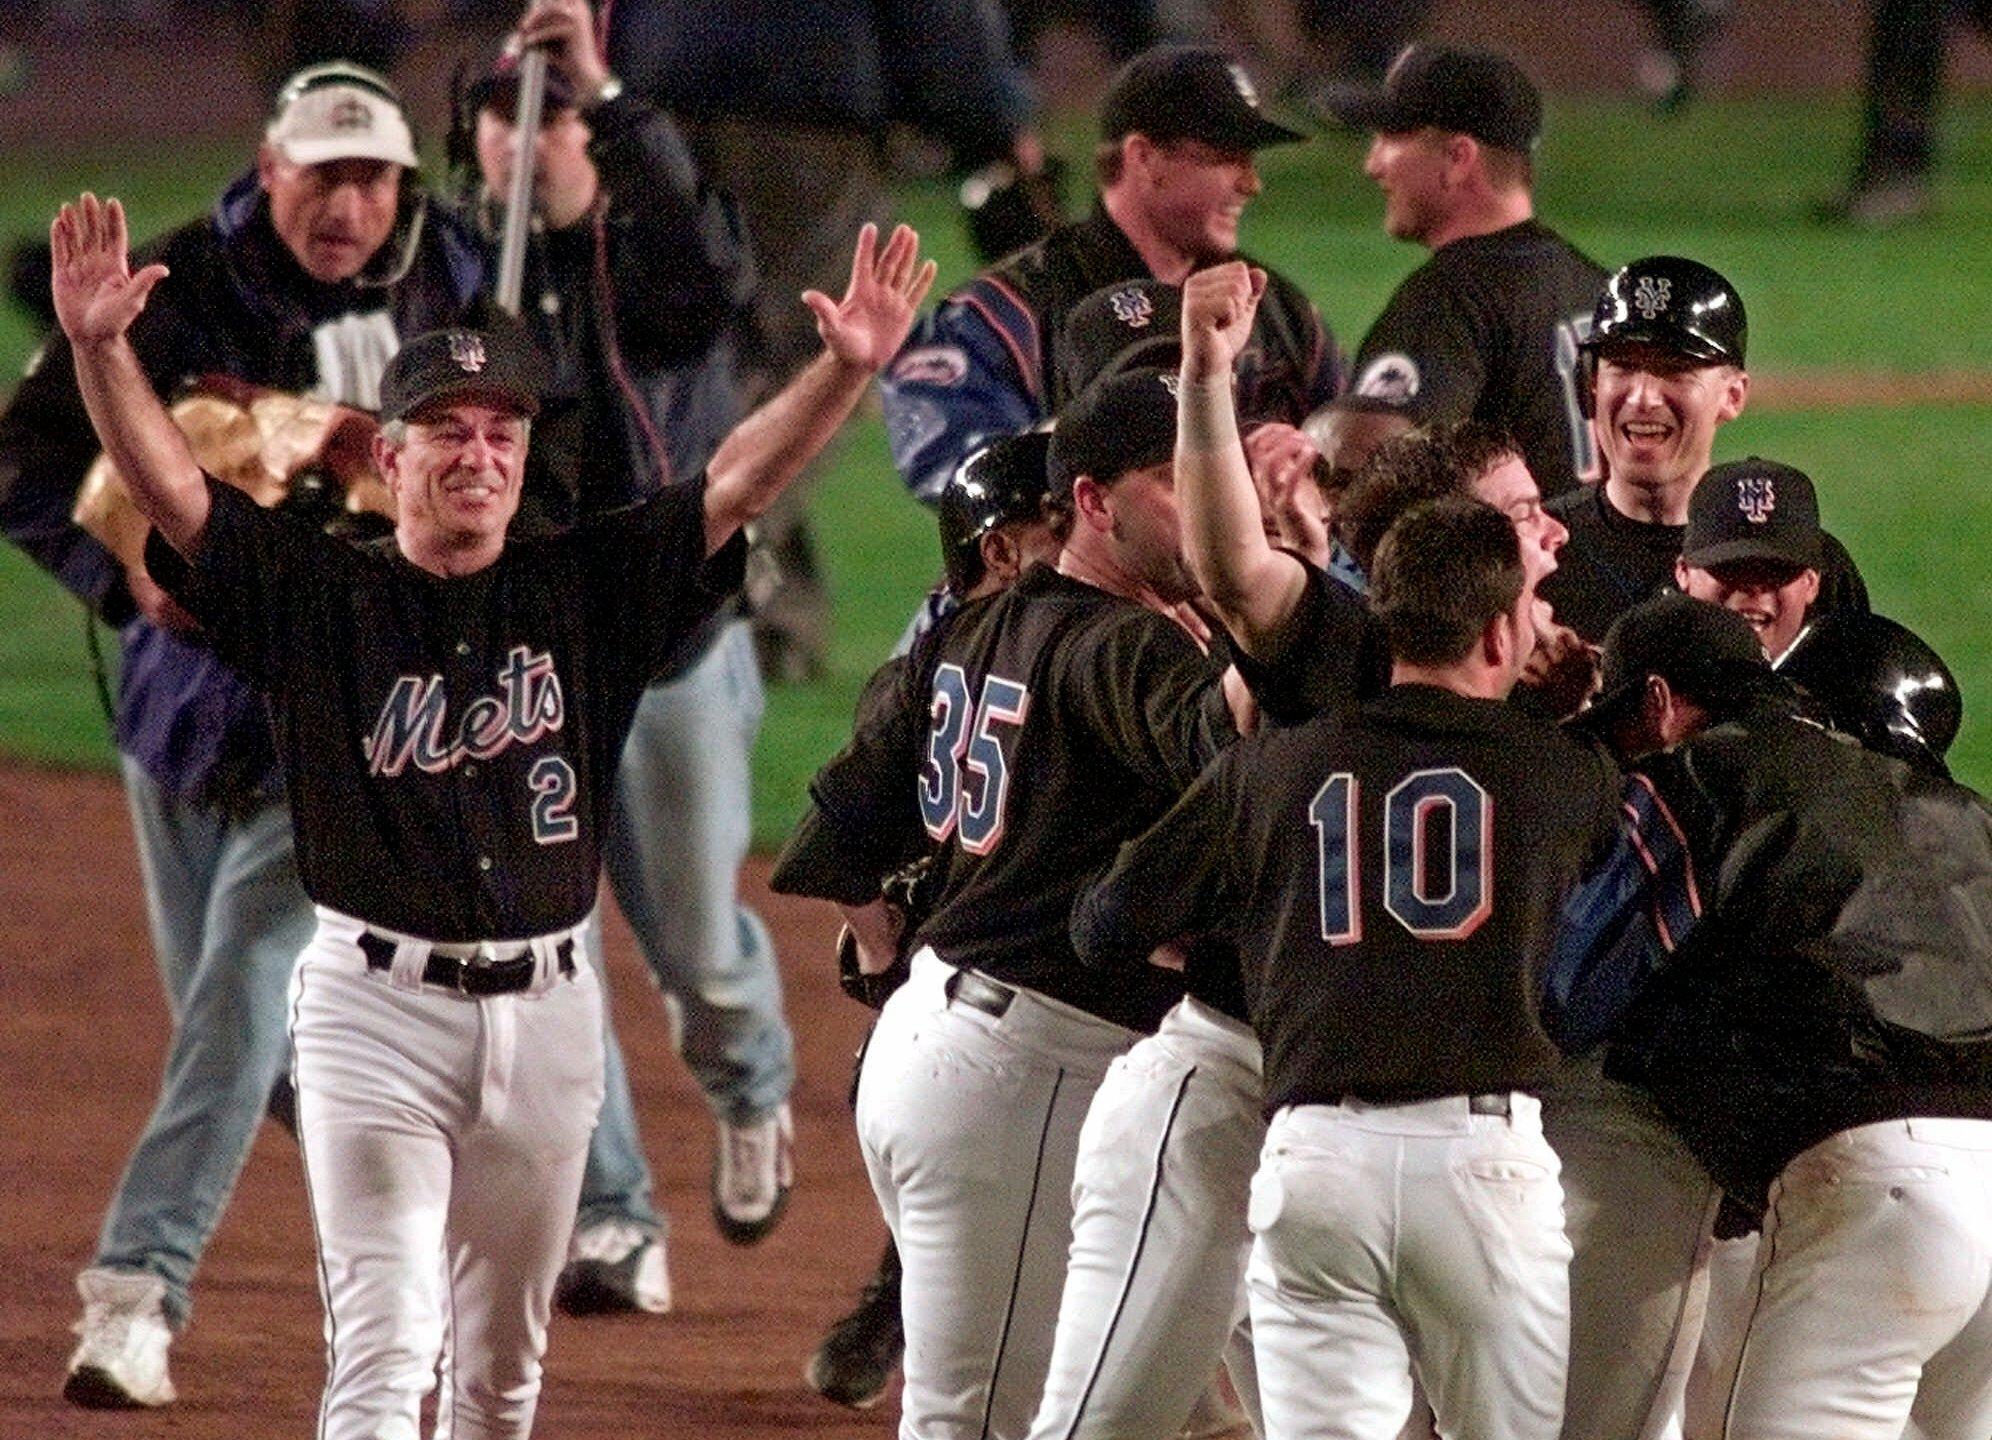 NY Mets - Black jersey